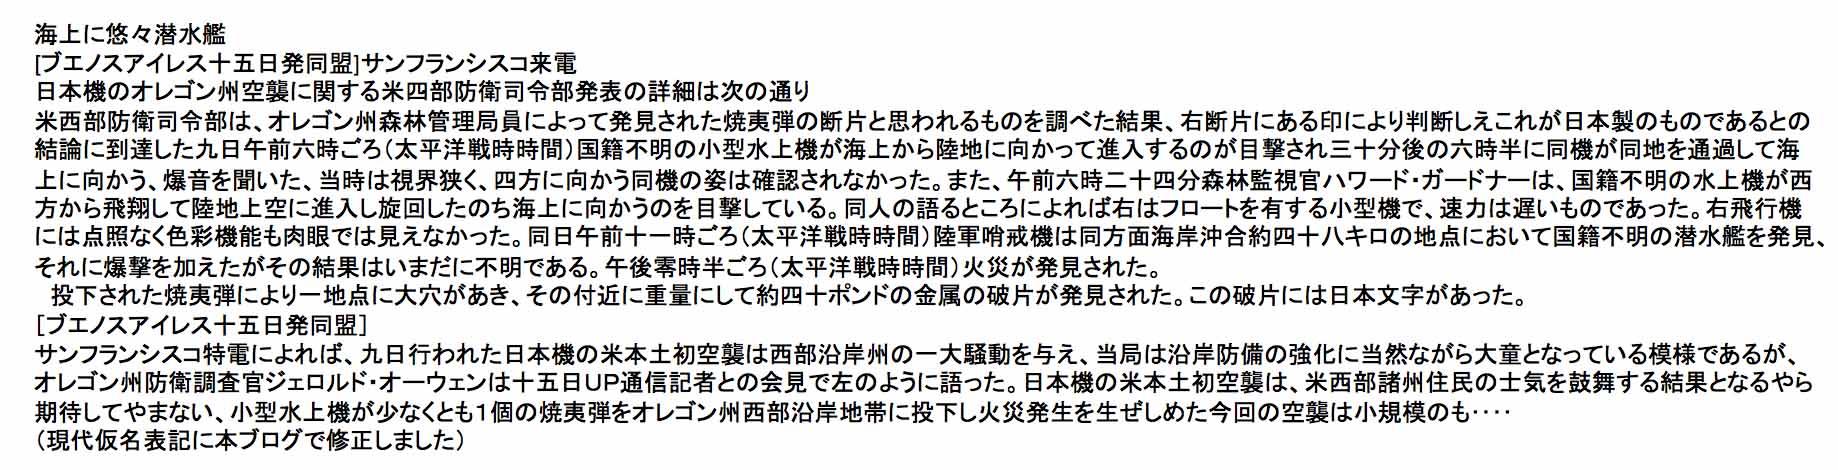 朝日新聞1942年記事2